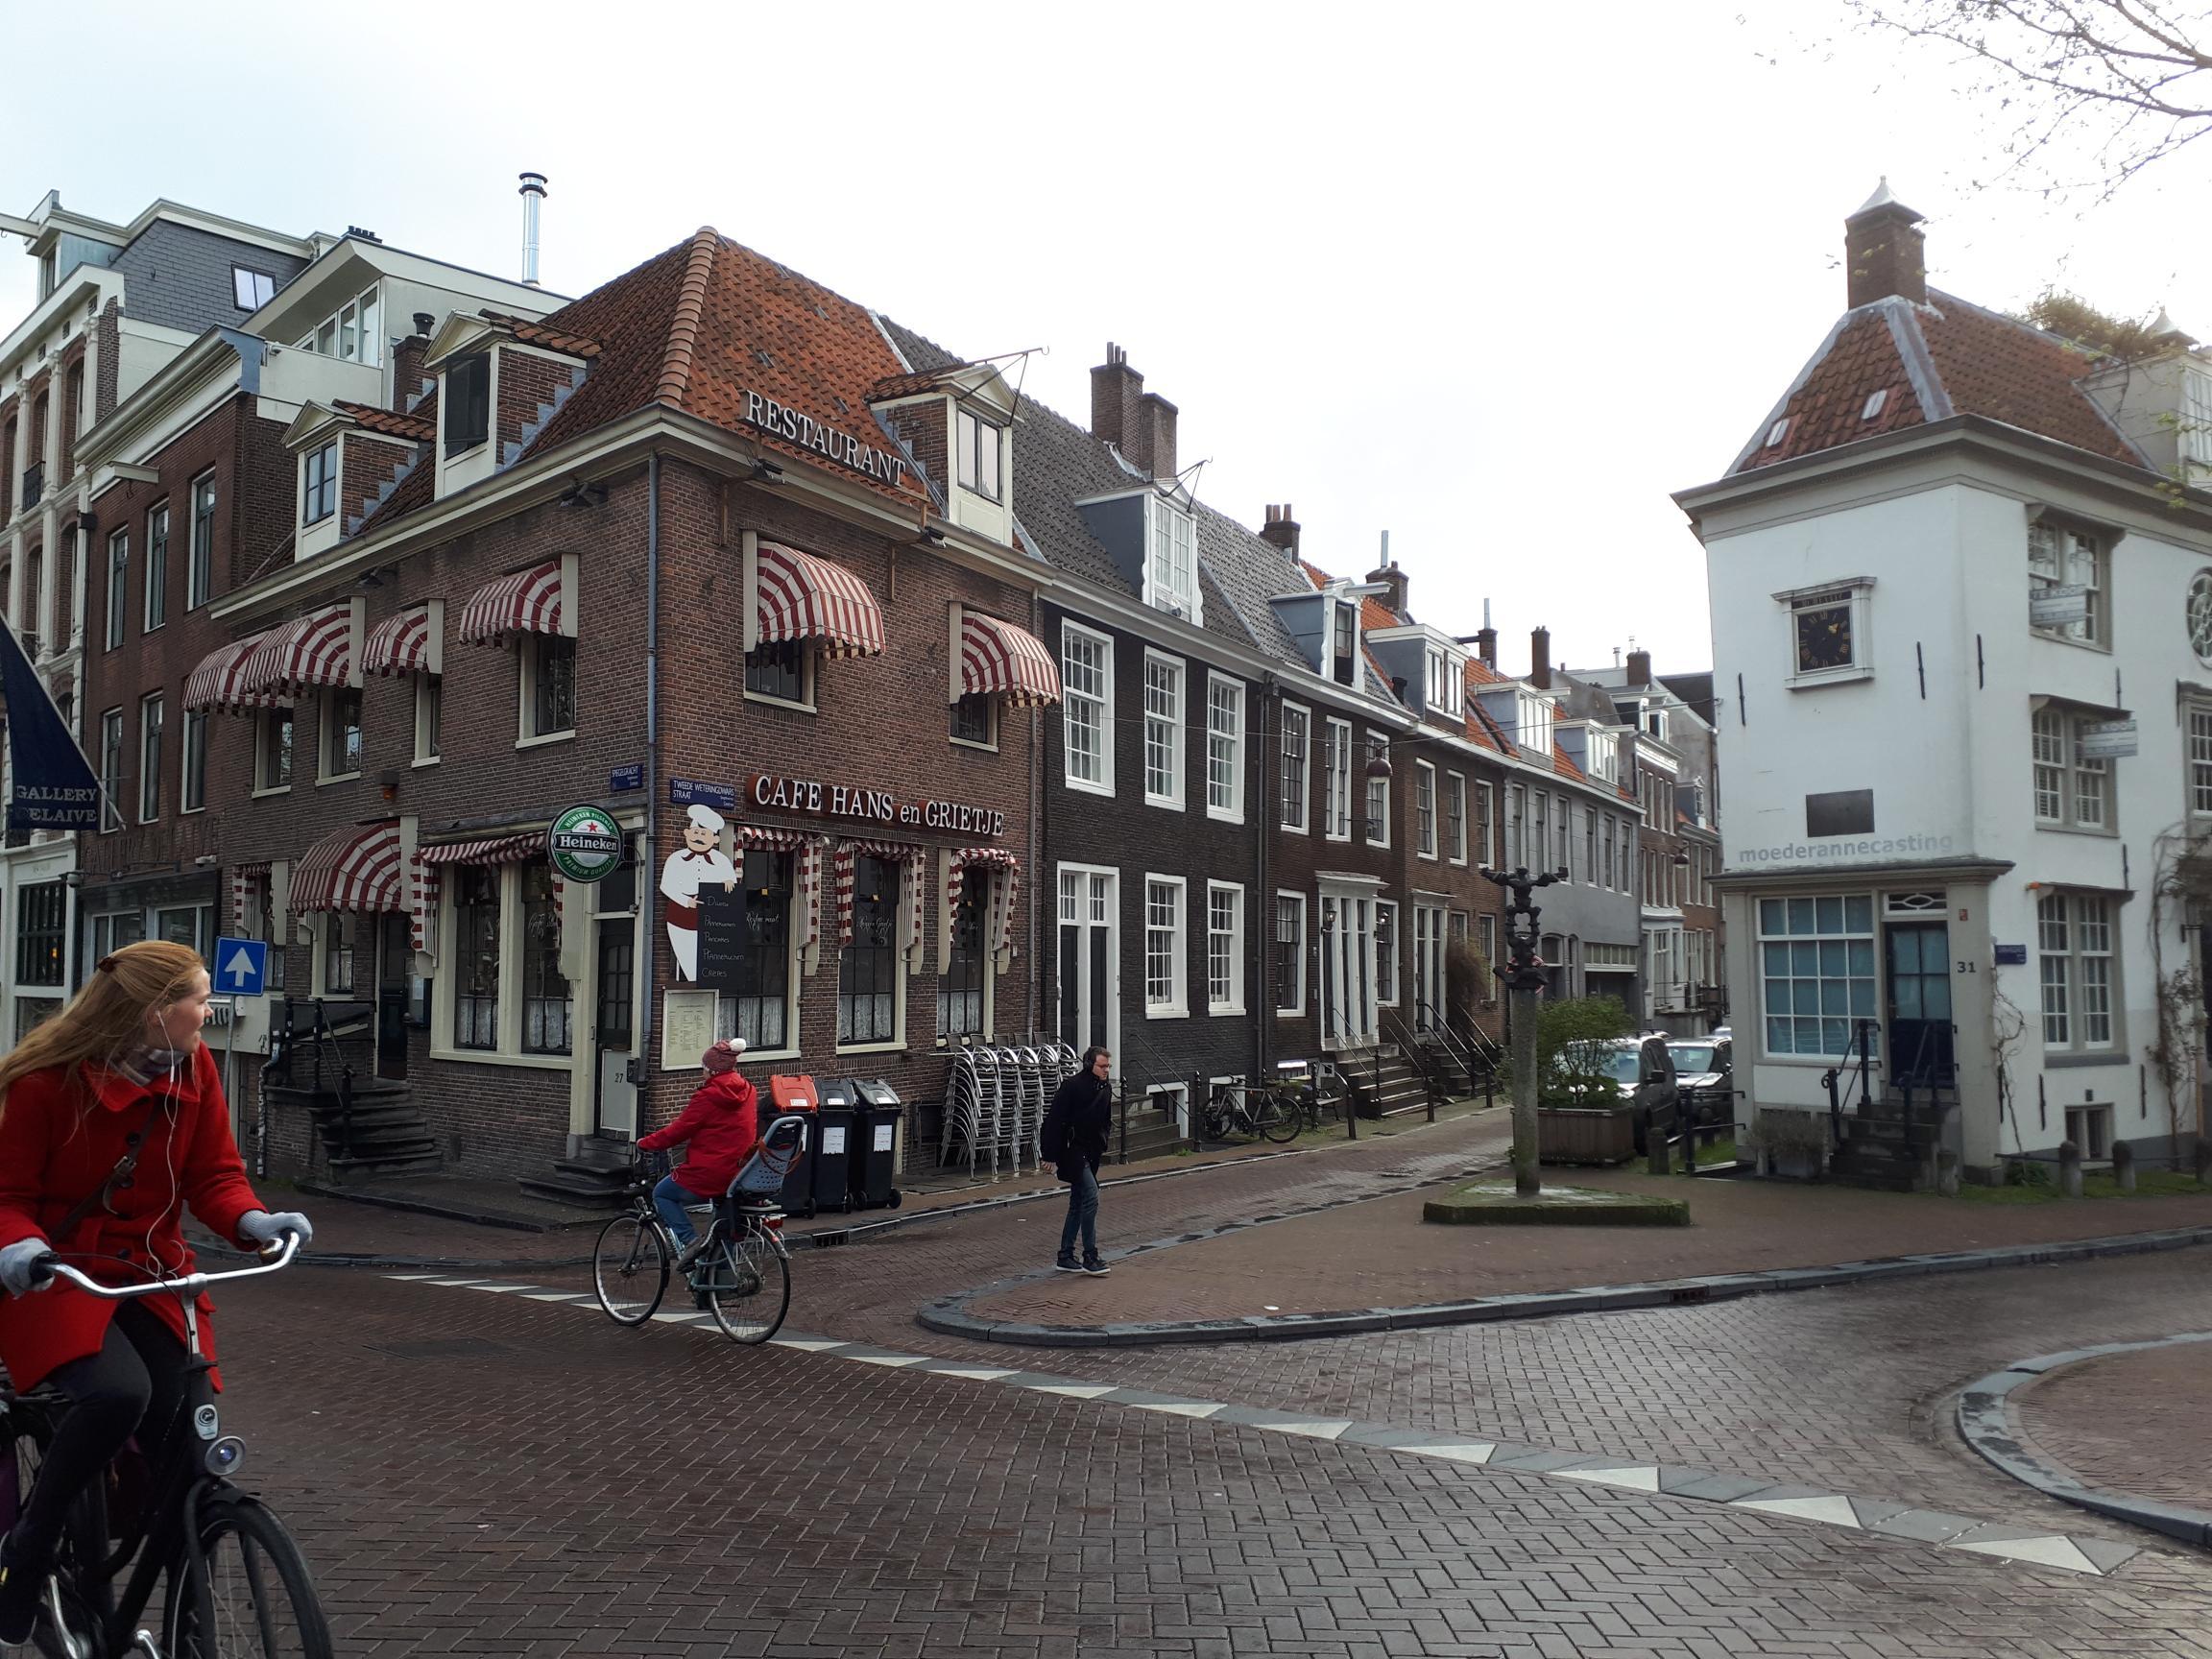 Улицы Амстердама ранним утром. Блиц: улицы